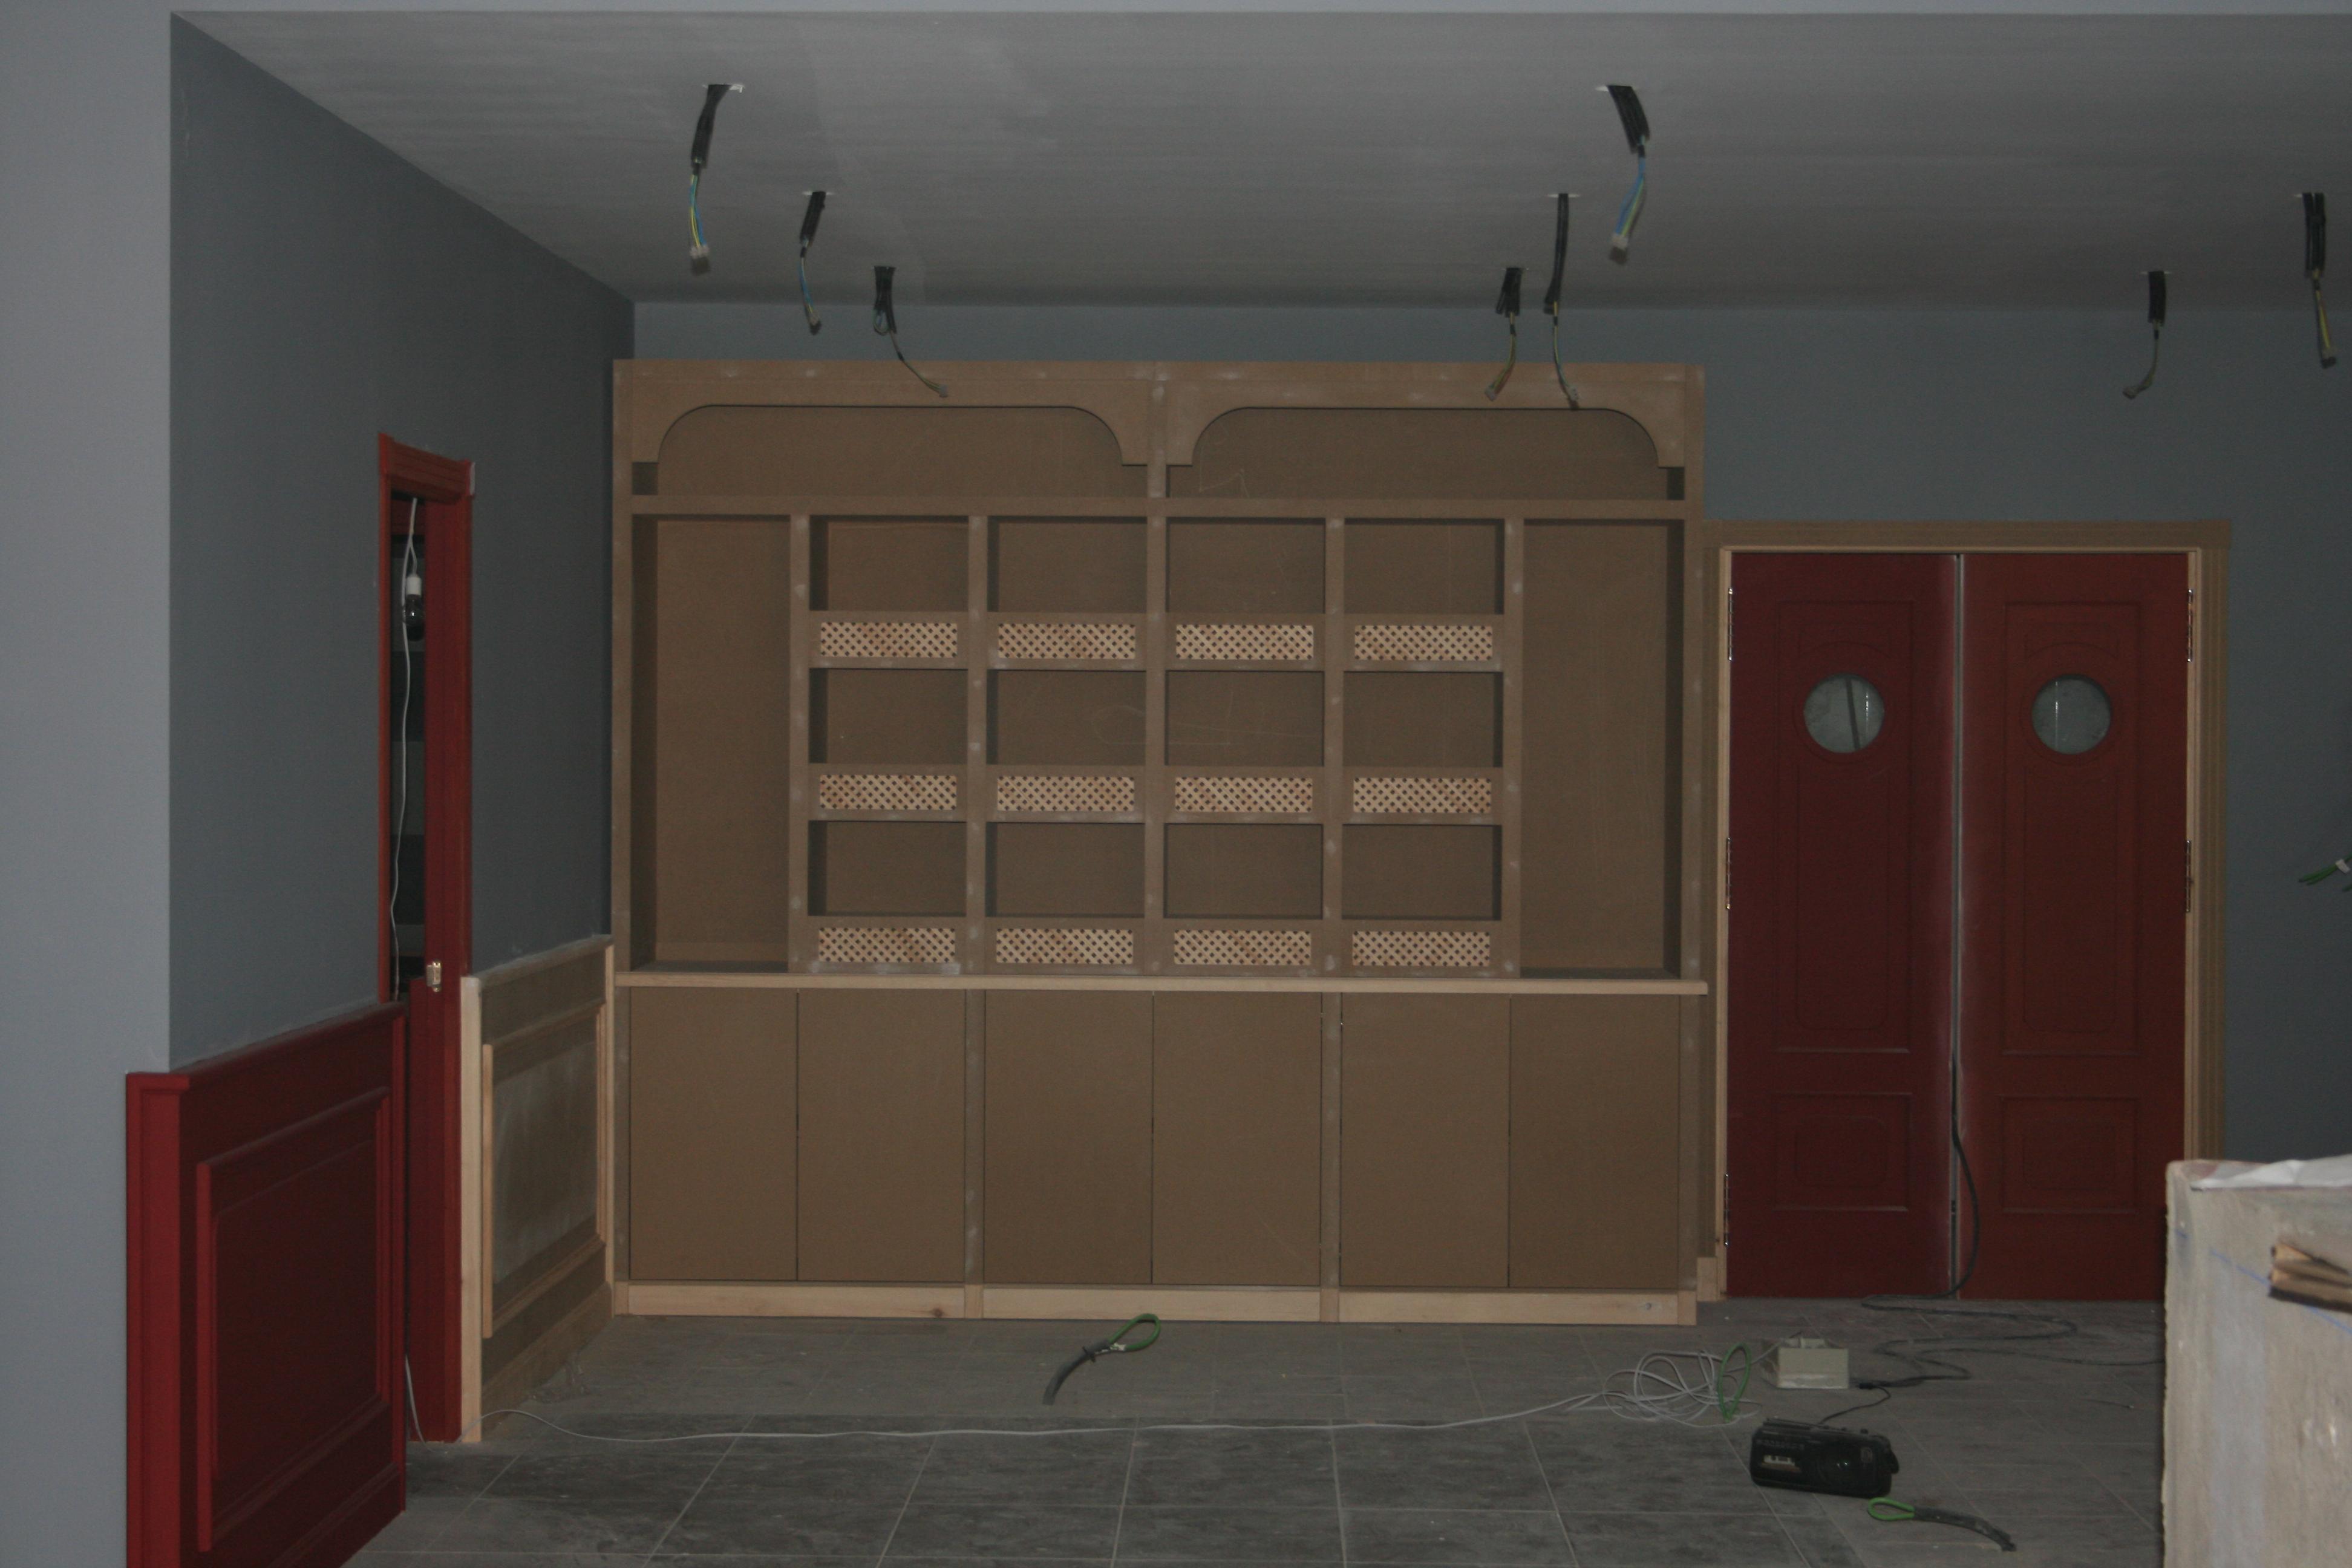 Carpinter a galea fabricaci n de muebles a medida con for Fabricacion de muebles mdf